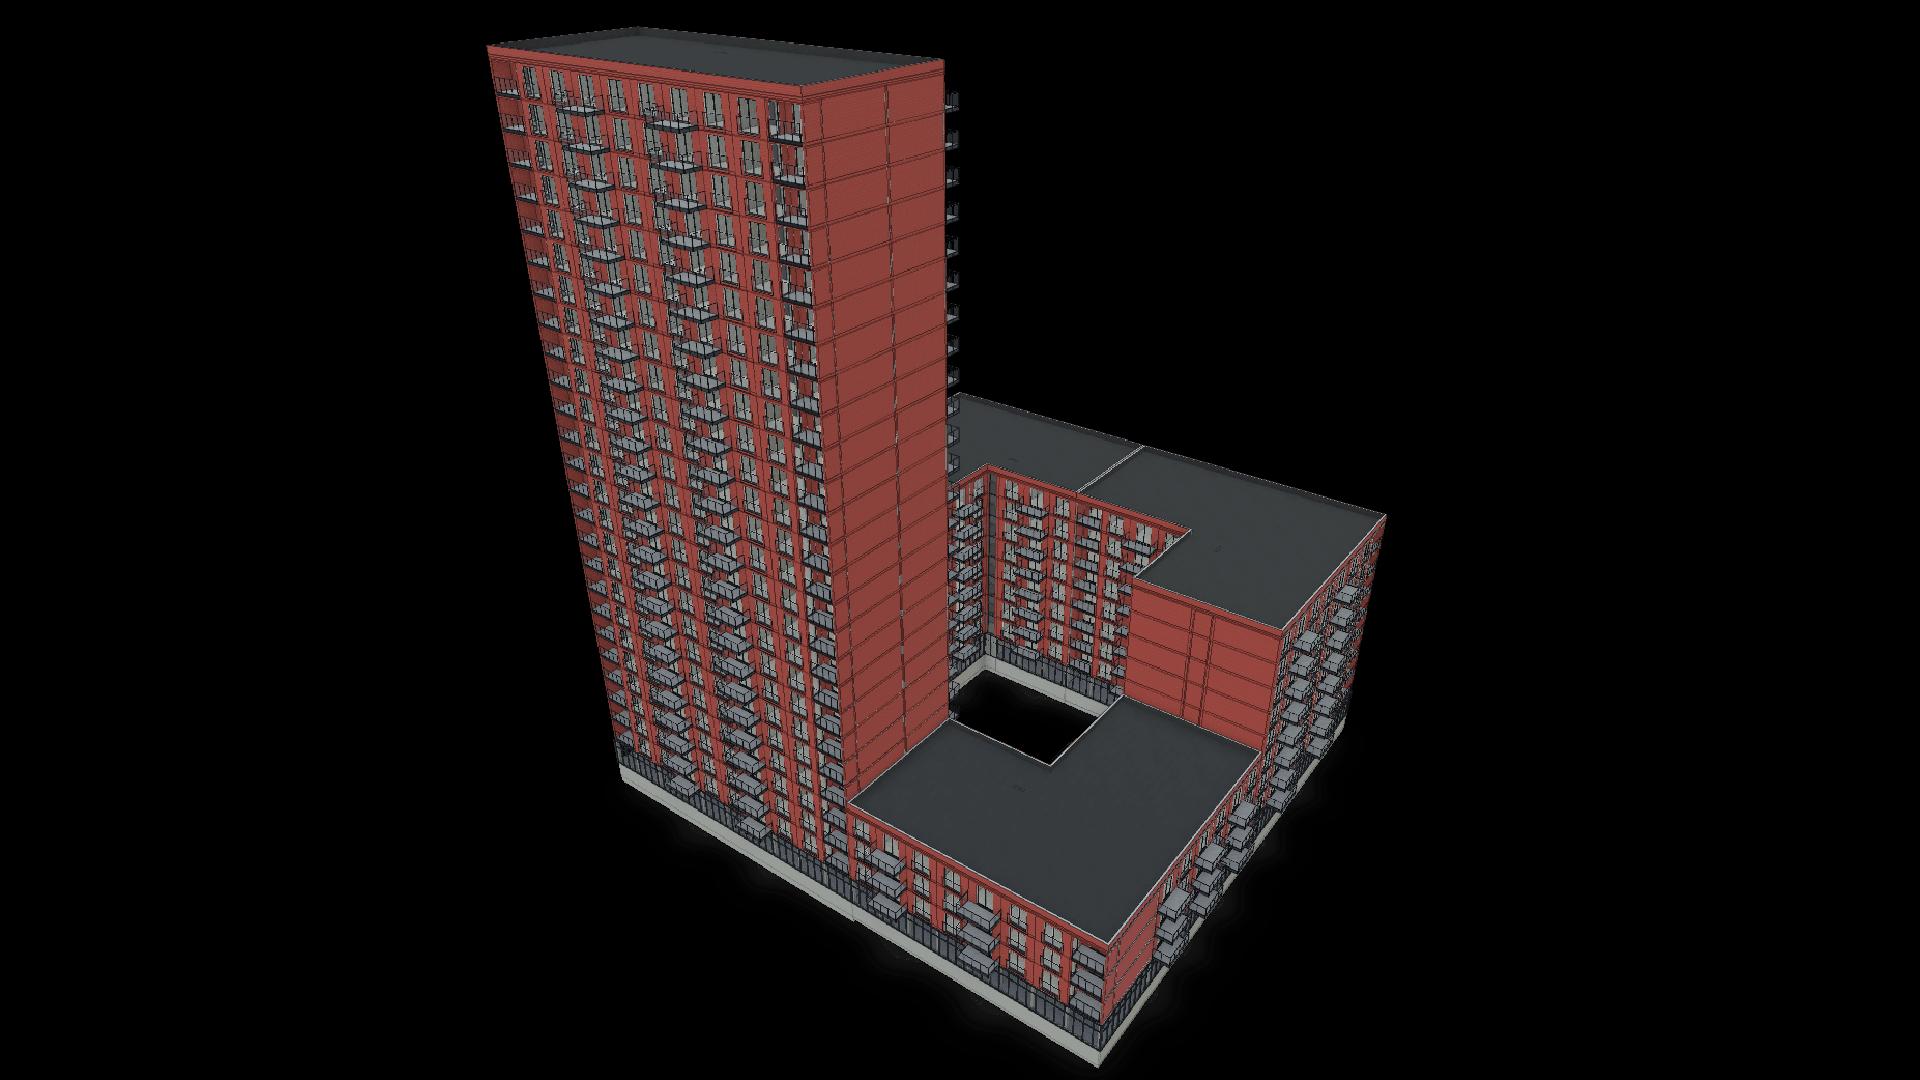 BL-07_Architecture